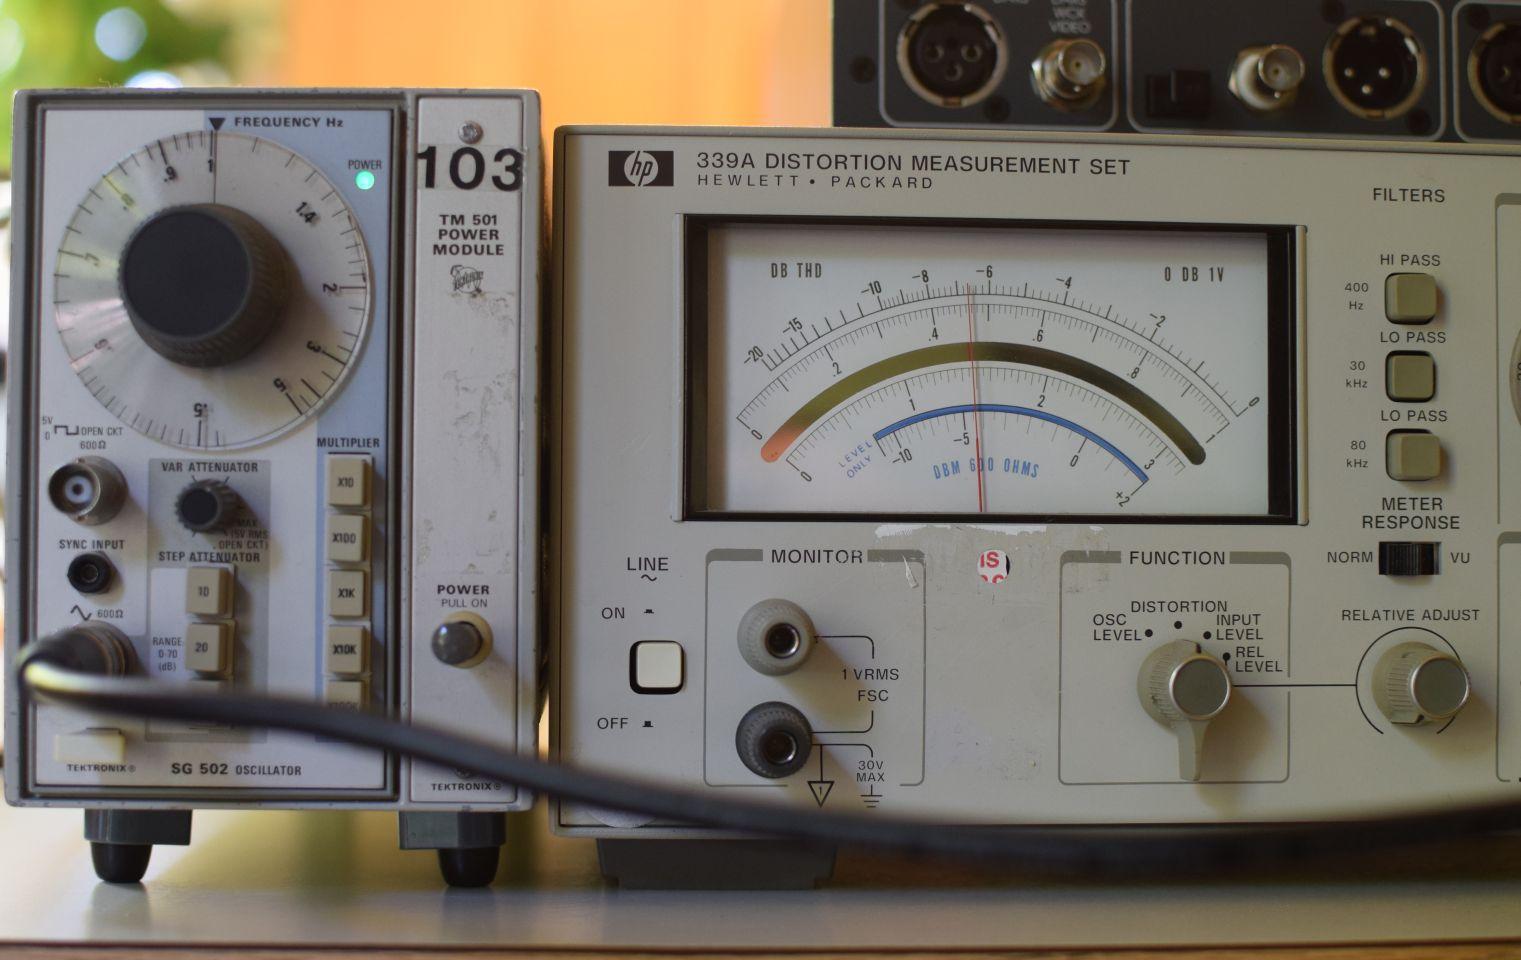 20170529 SG502 HP339A 1KHz 0dBV THD.jpg